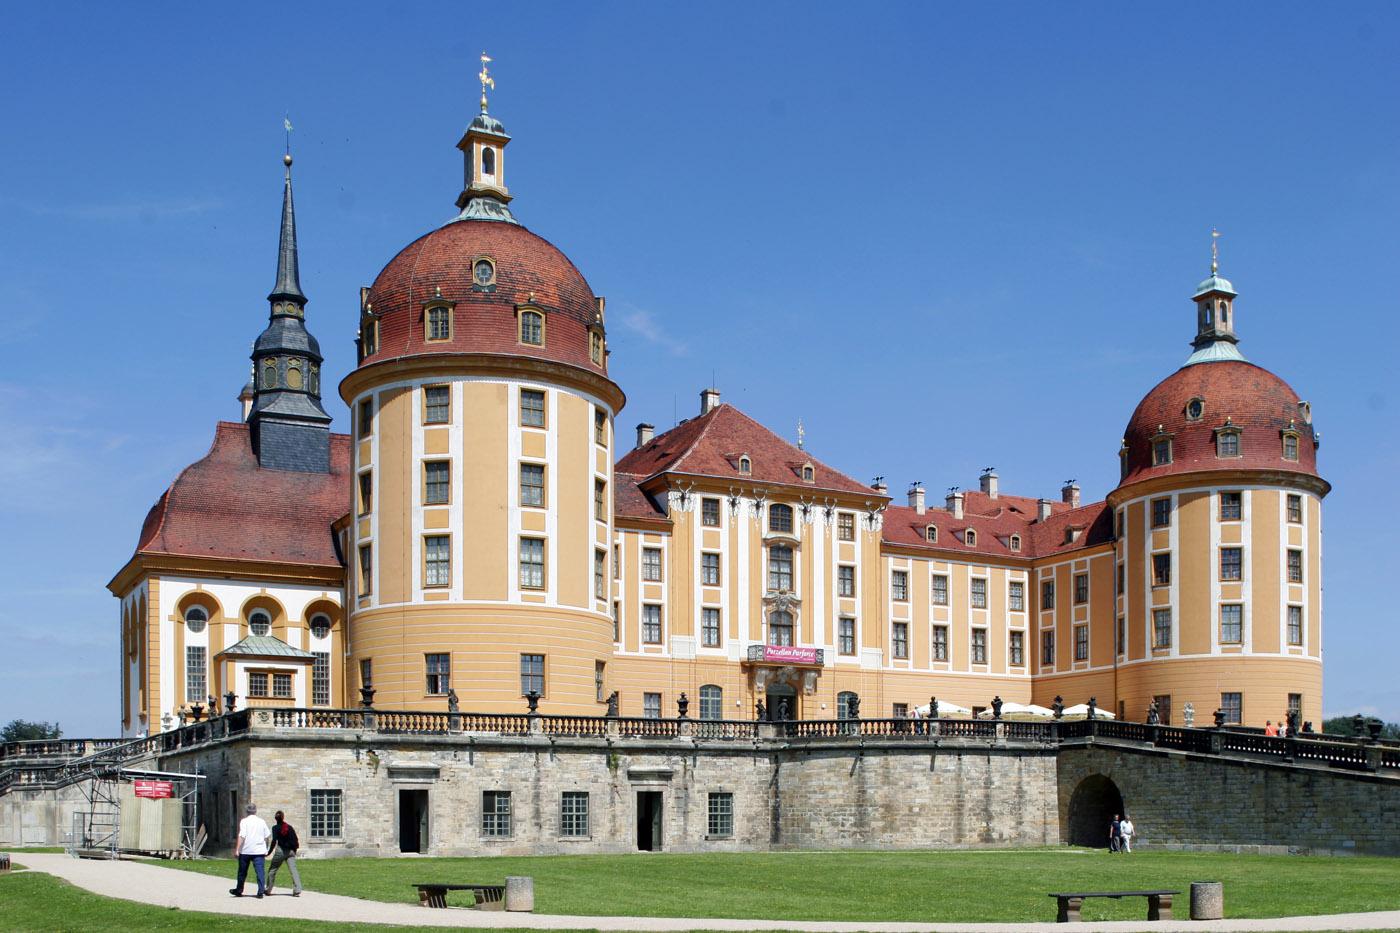 http://upload.wikimedia.org/wikipedia/commons/2/2a/Schloss.Moritzburg.Ansicht.von.Suedwest.2005.08.01.530.jpg